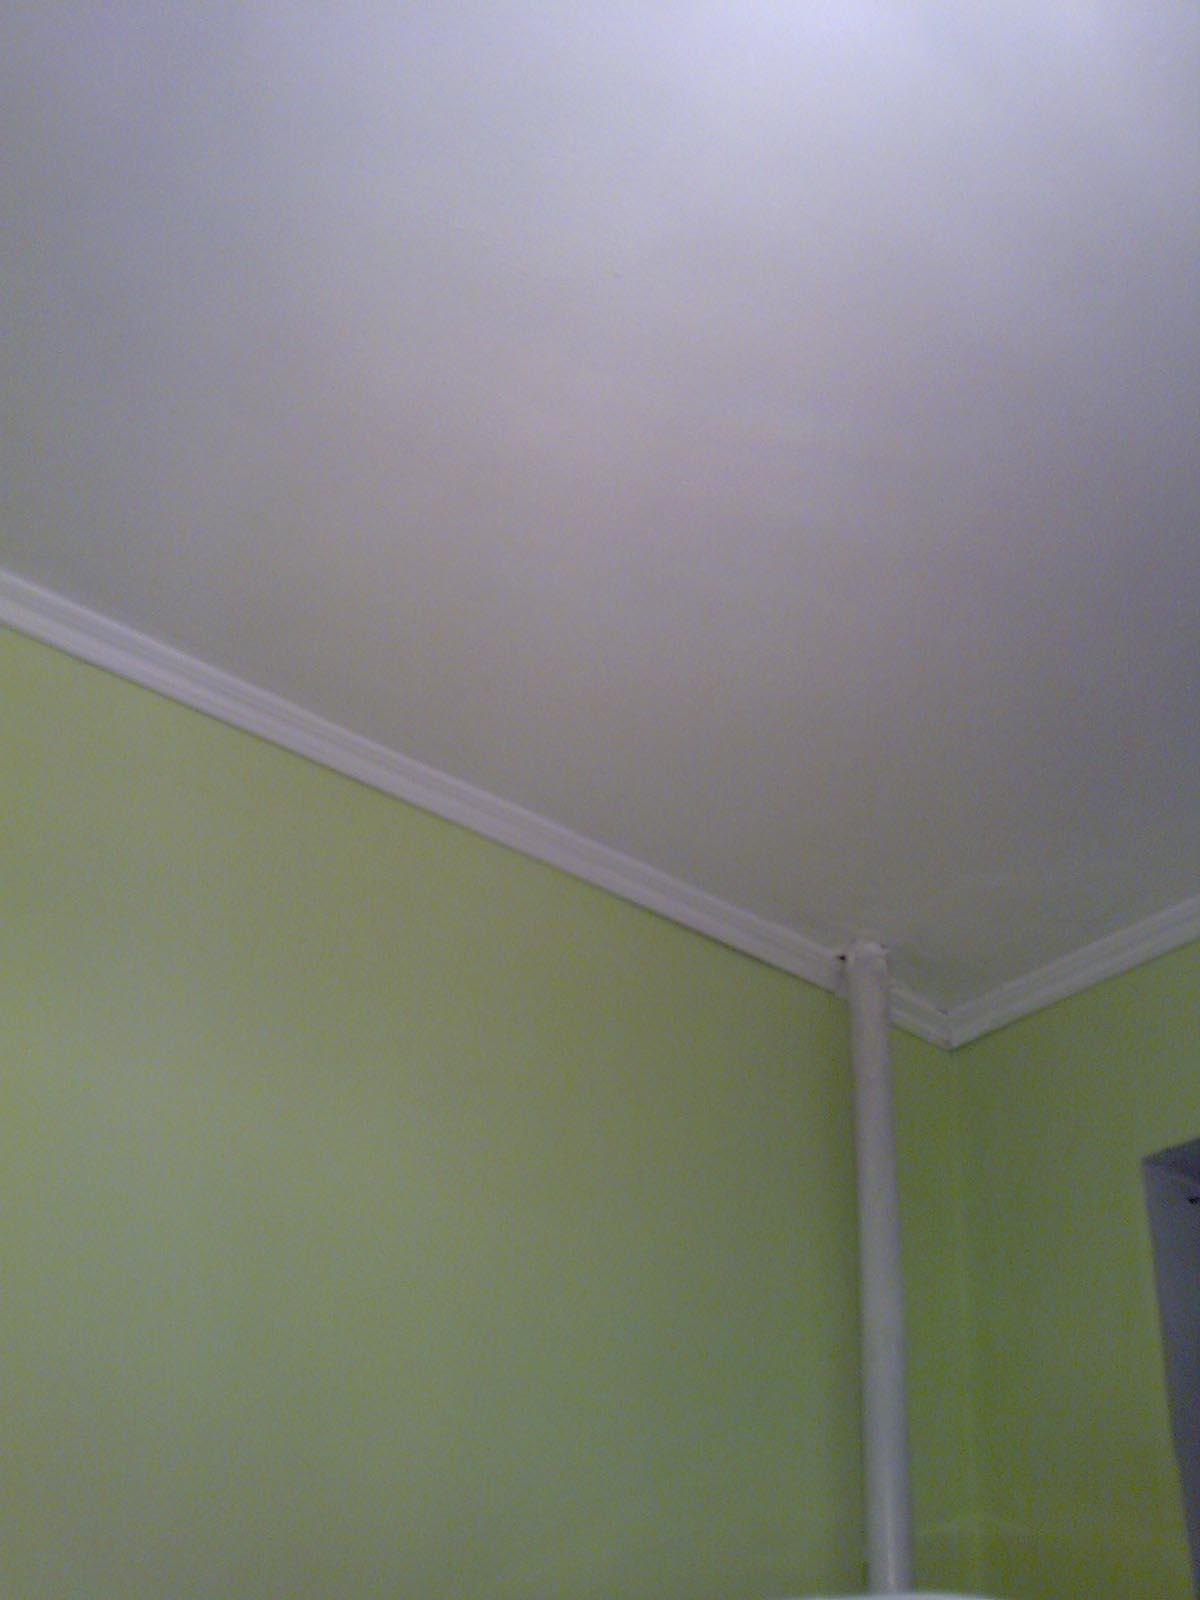 Plafond staff perfore fort de france estimation prix au m2 maison prix faux plafond armstrong - Plafond heeft de franse ...